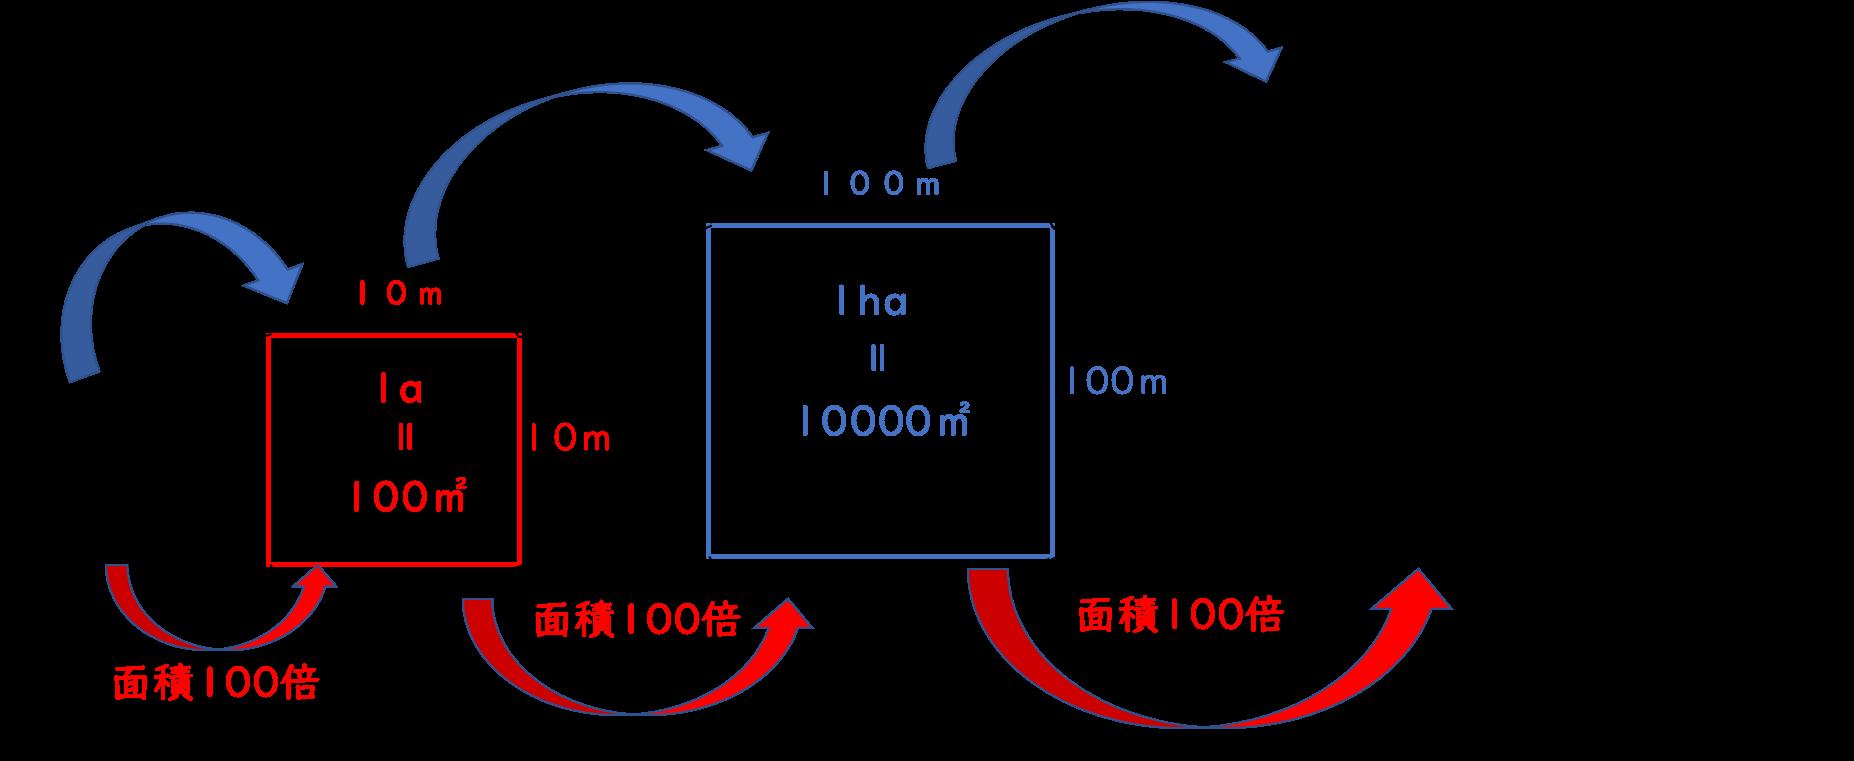 は 平方メートル アール 10 何 平方メートルとヘクタールの関係は?1分でわかる計算方法、換算、計算機、坪との関係